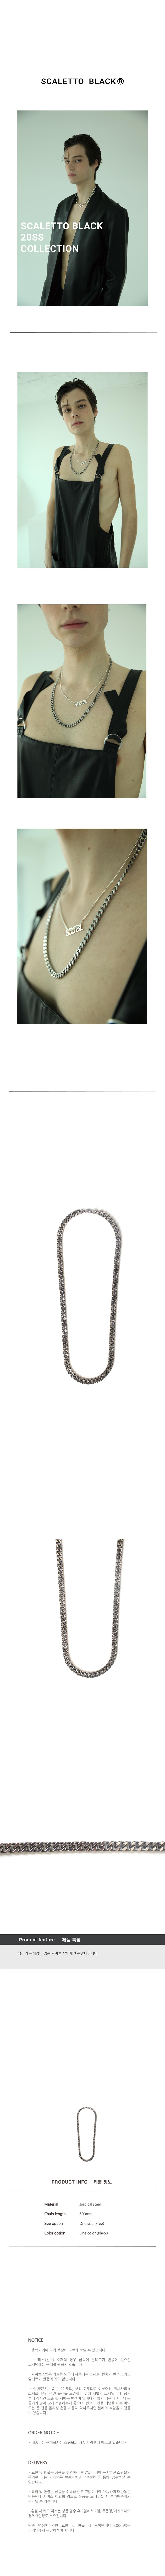 스칼렛또블랙(SCALETTOBLACK) SCB033 Scaletto black bold necklace